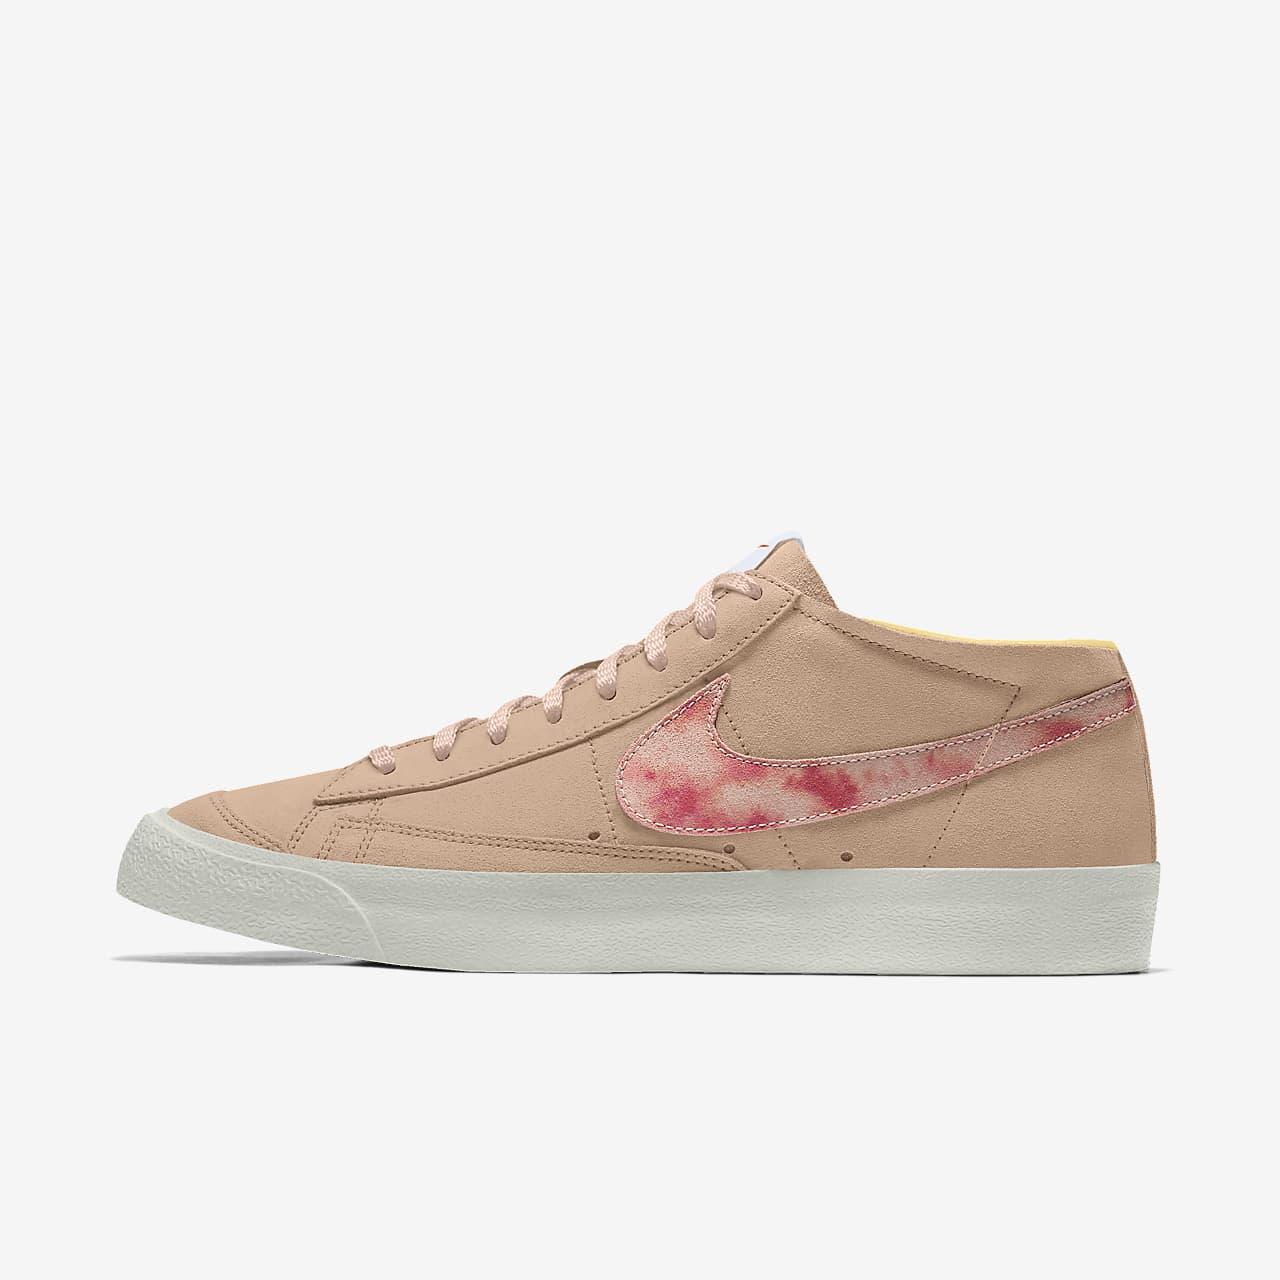 Nike Blazer Mid '77 By You Custom Women's Lifestyle Shoe